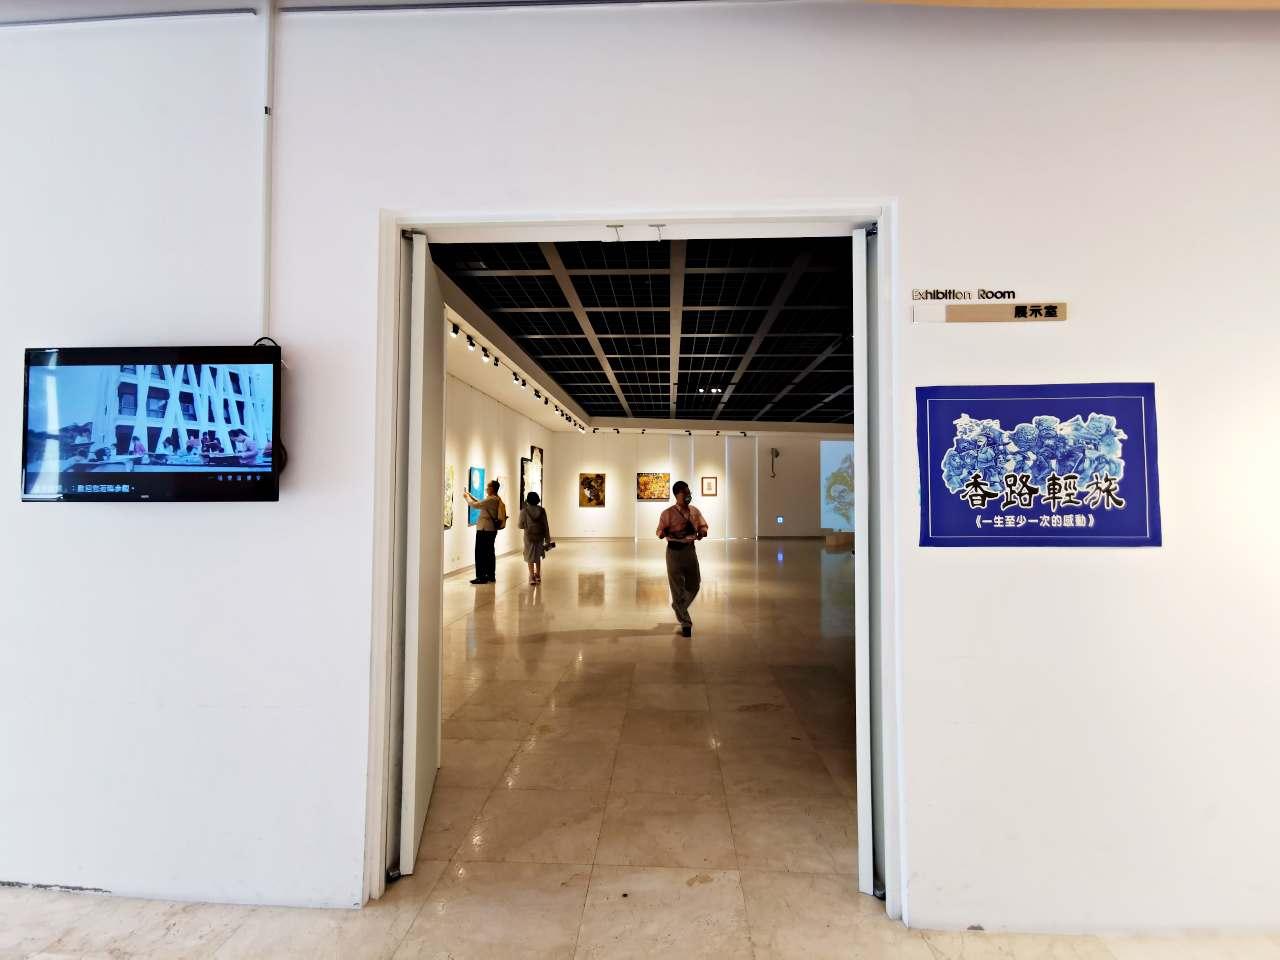 出城藝術展:第五屆「香路輕旅圖」走出美術館讓藝術品有專屬自己的情境場域,沿路有美食和好風景DAY-1